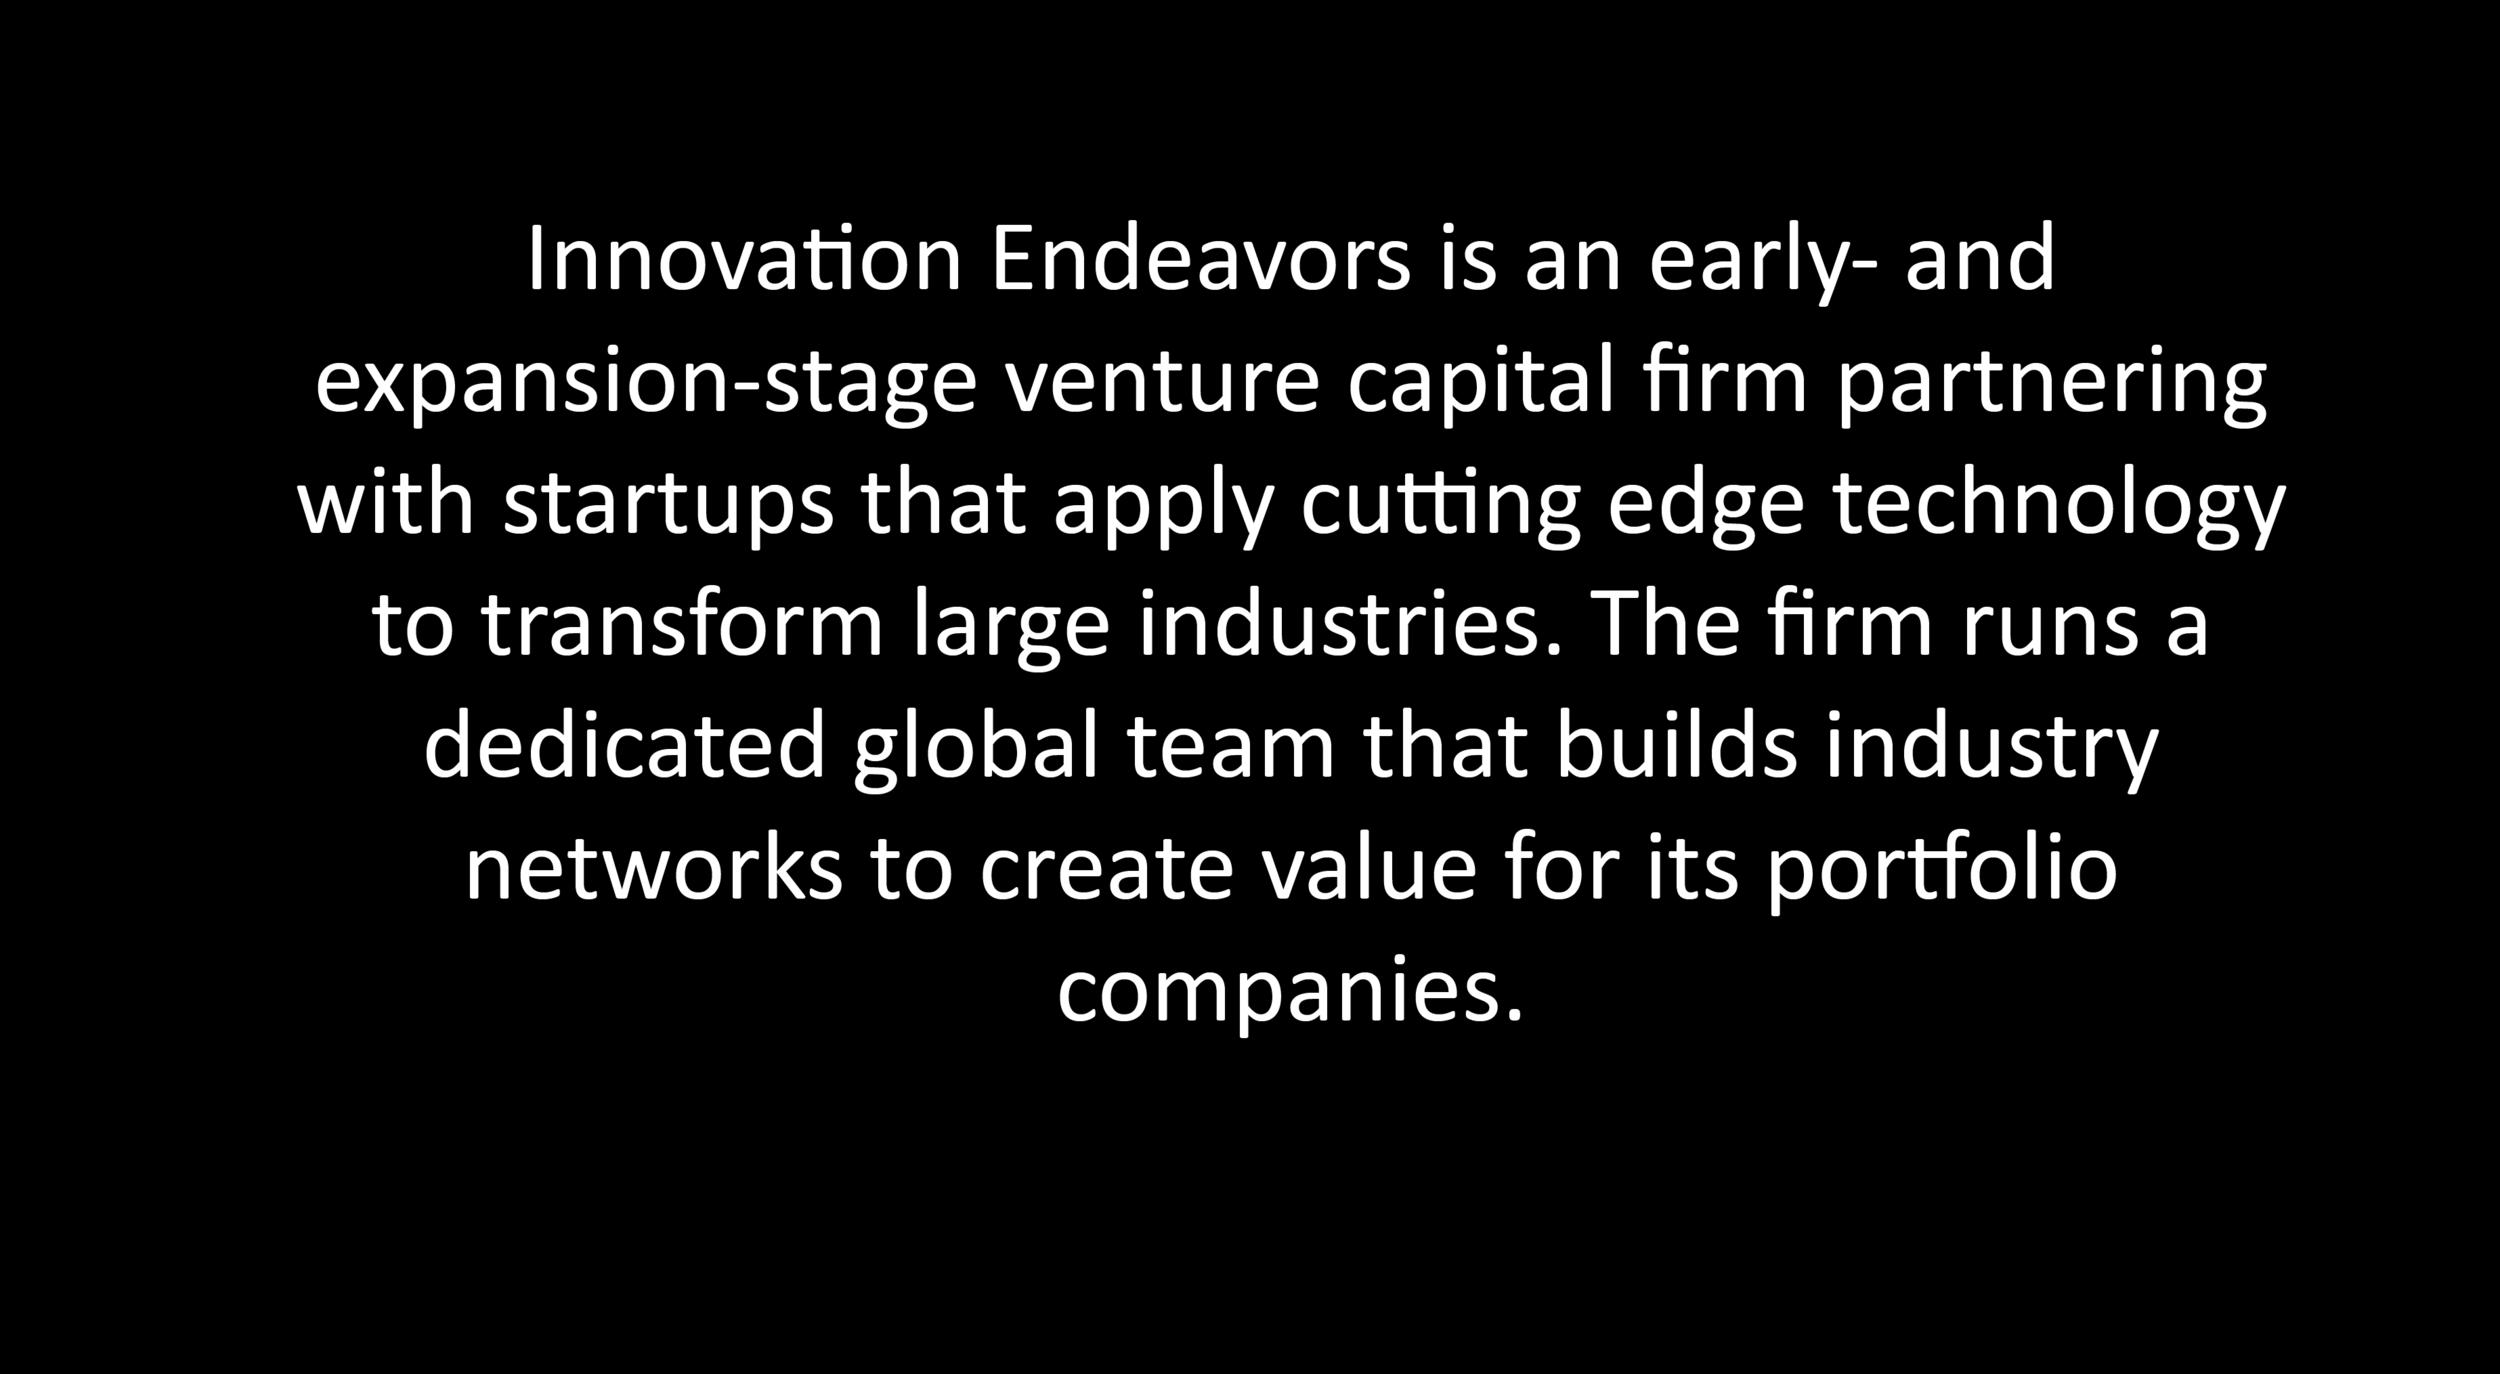 innovation endevors.png